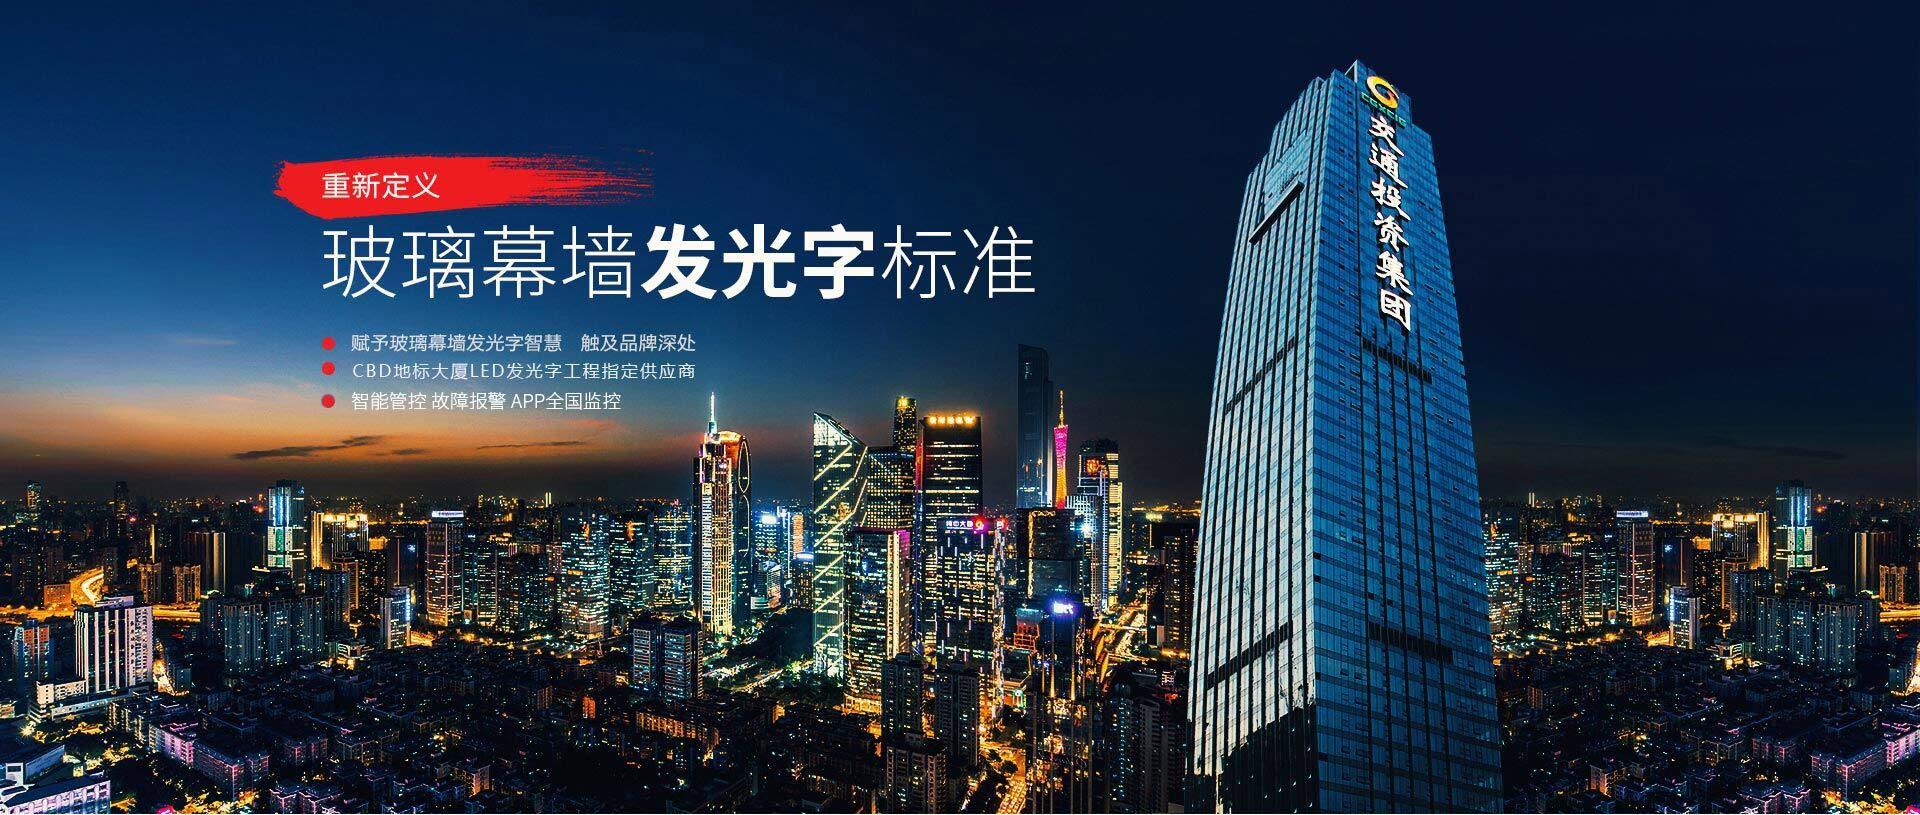 广西交通投资集团玻璃幕墙发光字工程